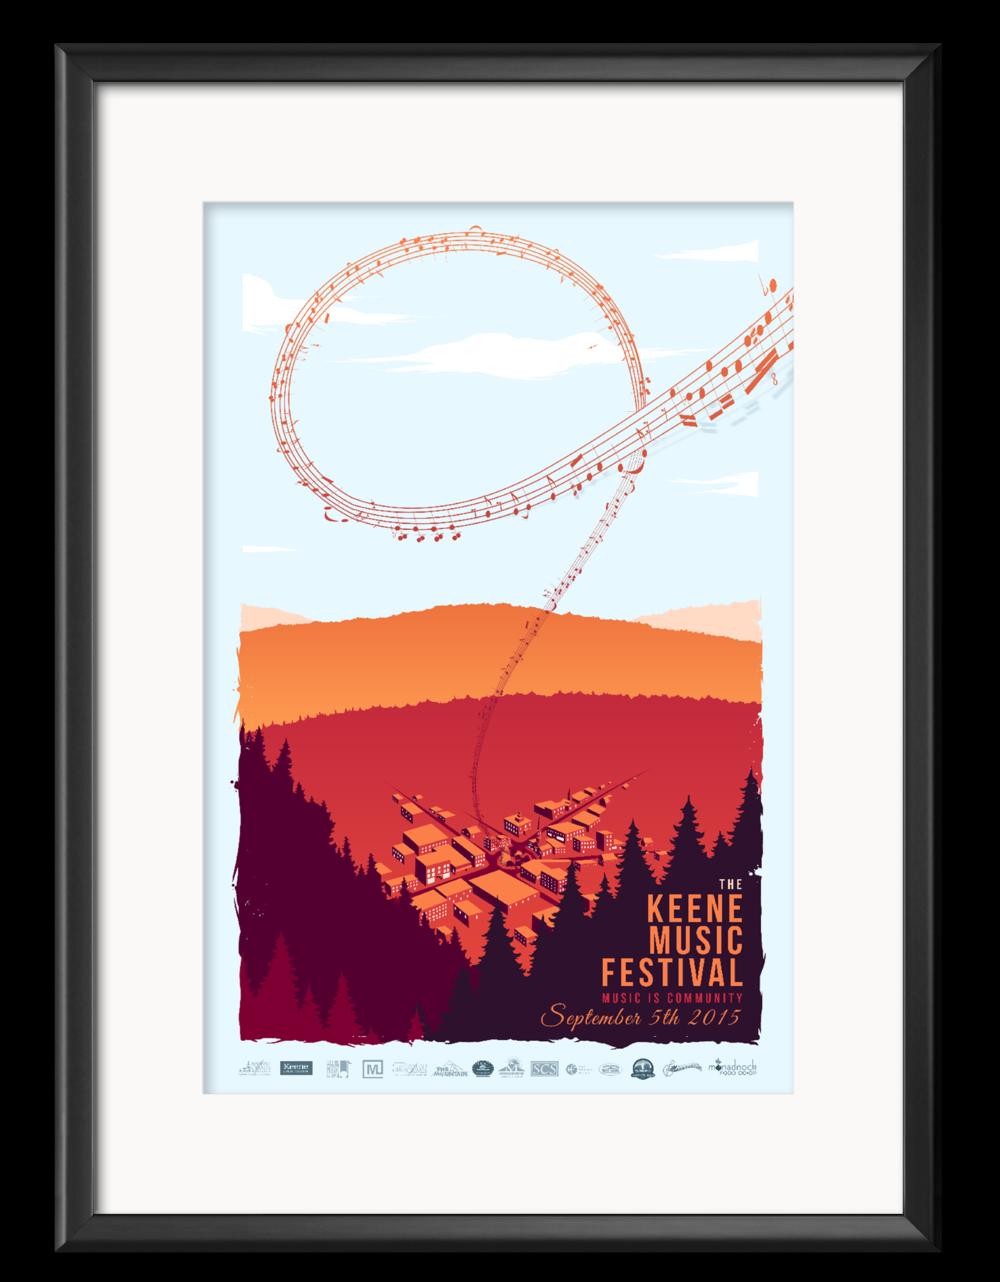 The 2015 Keene Music Festival Poster created by Matt Sebert.